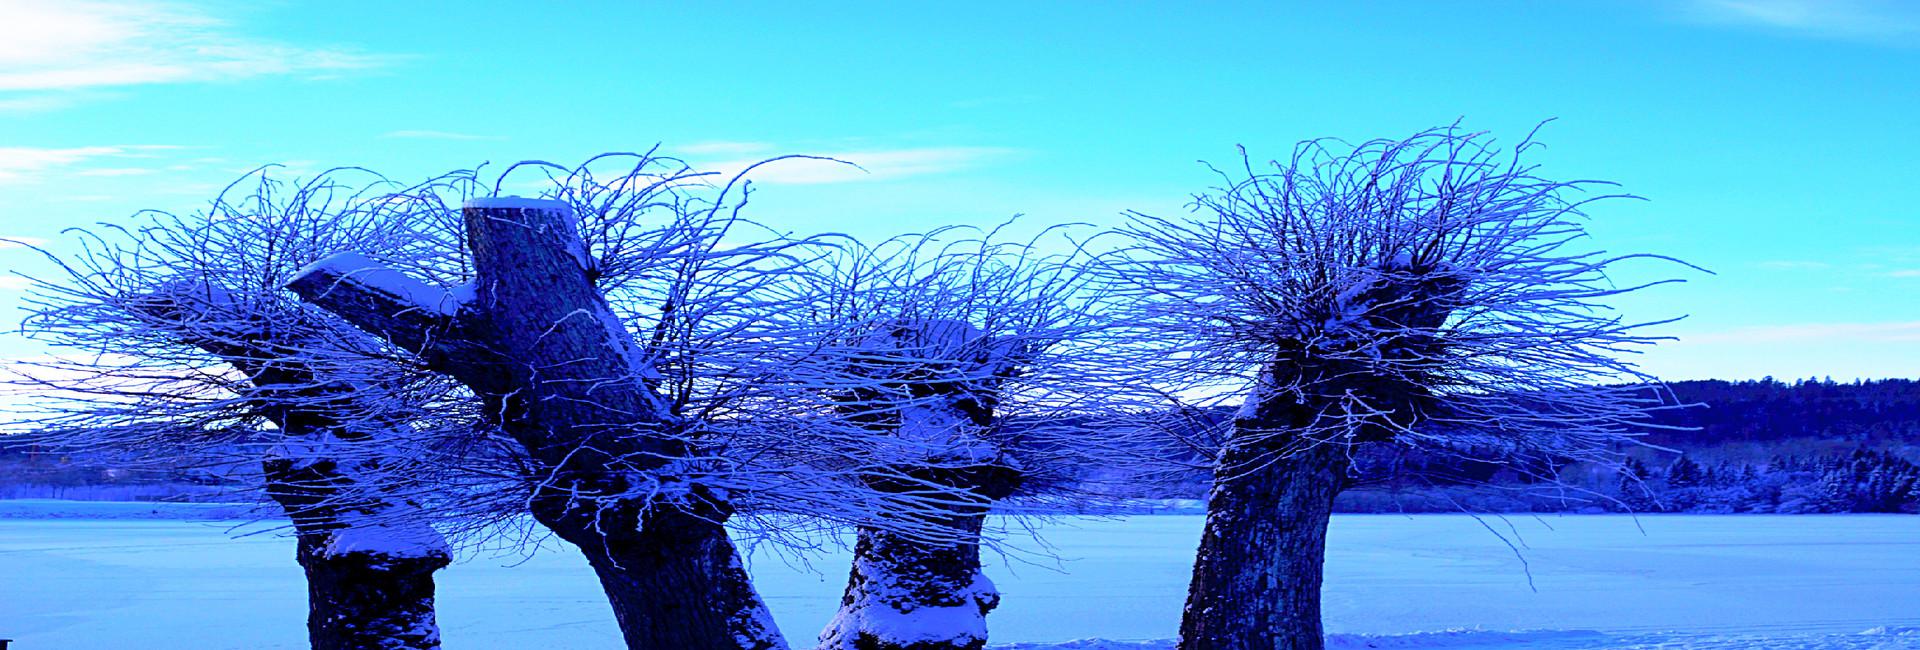 Bilde av trær, redigert.jpg